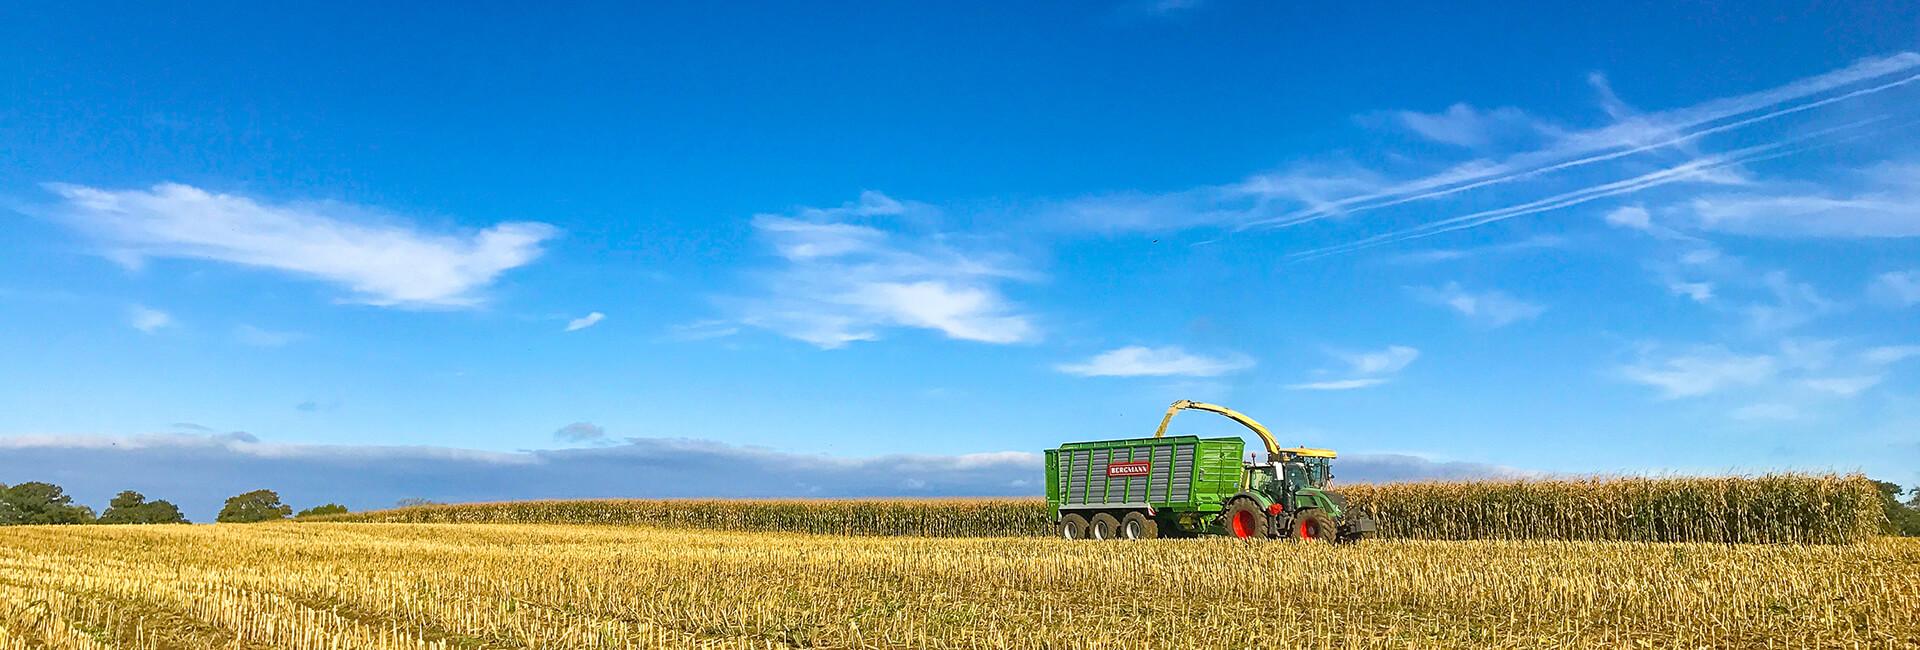 maize silage trailer moving floor harvest landscape